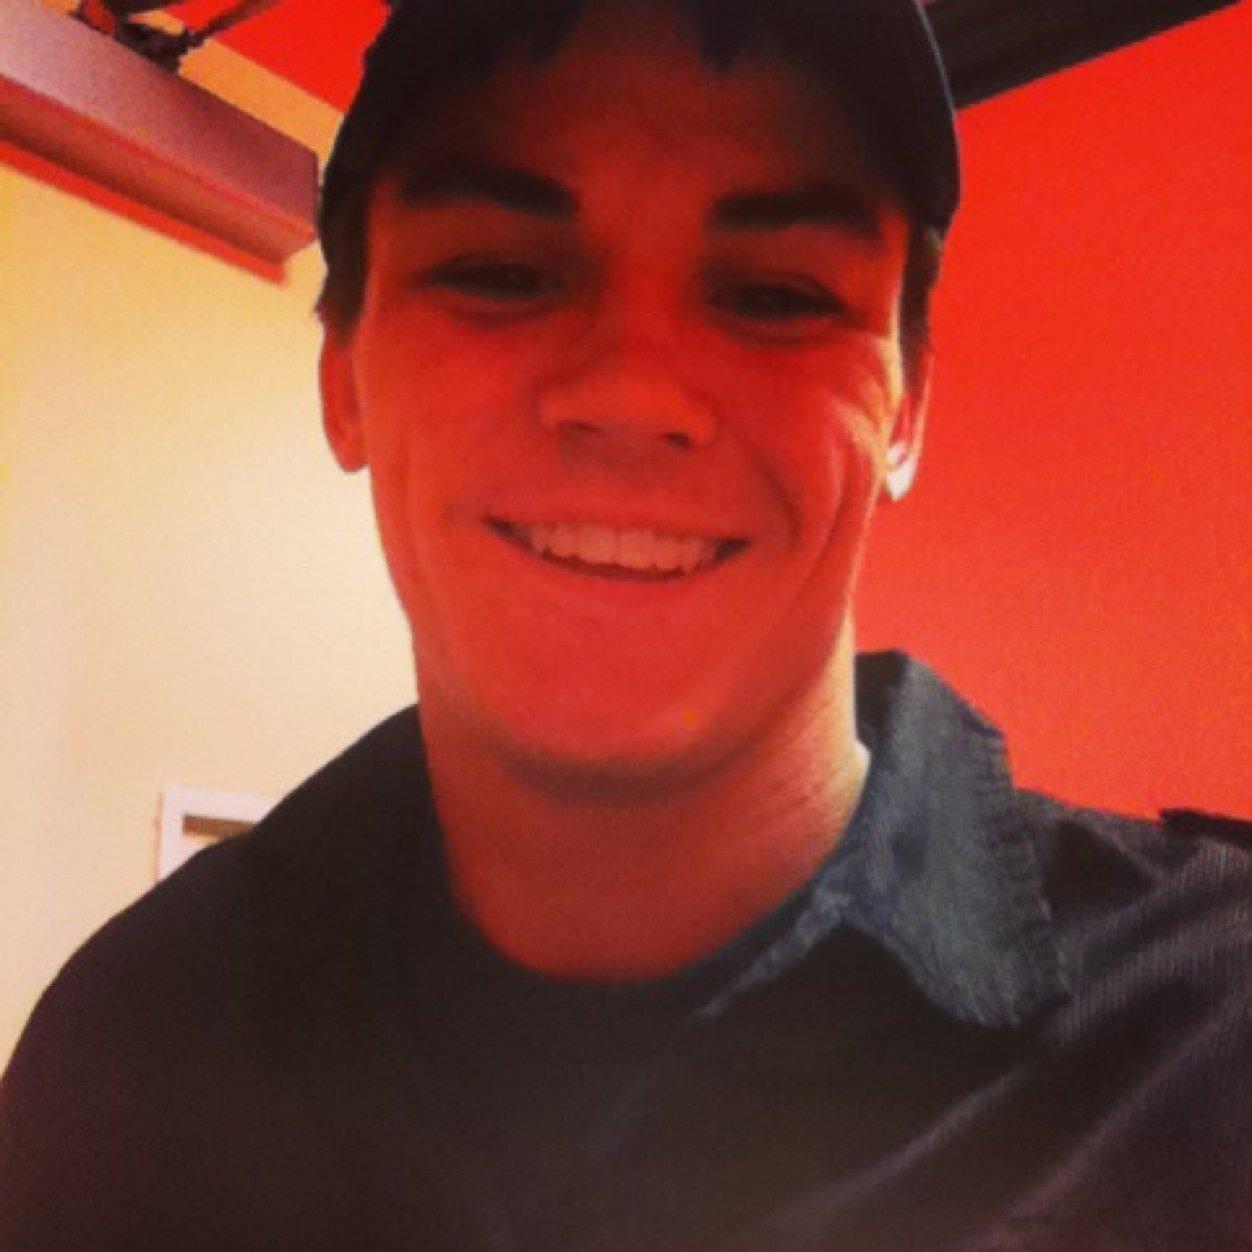 Cody blake